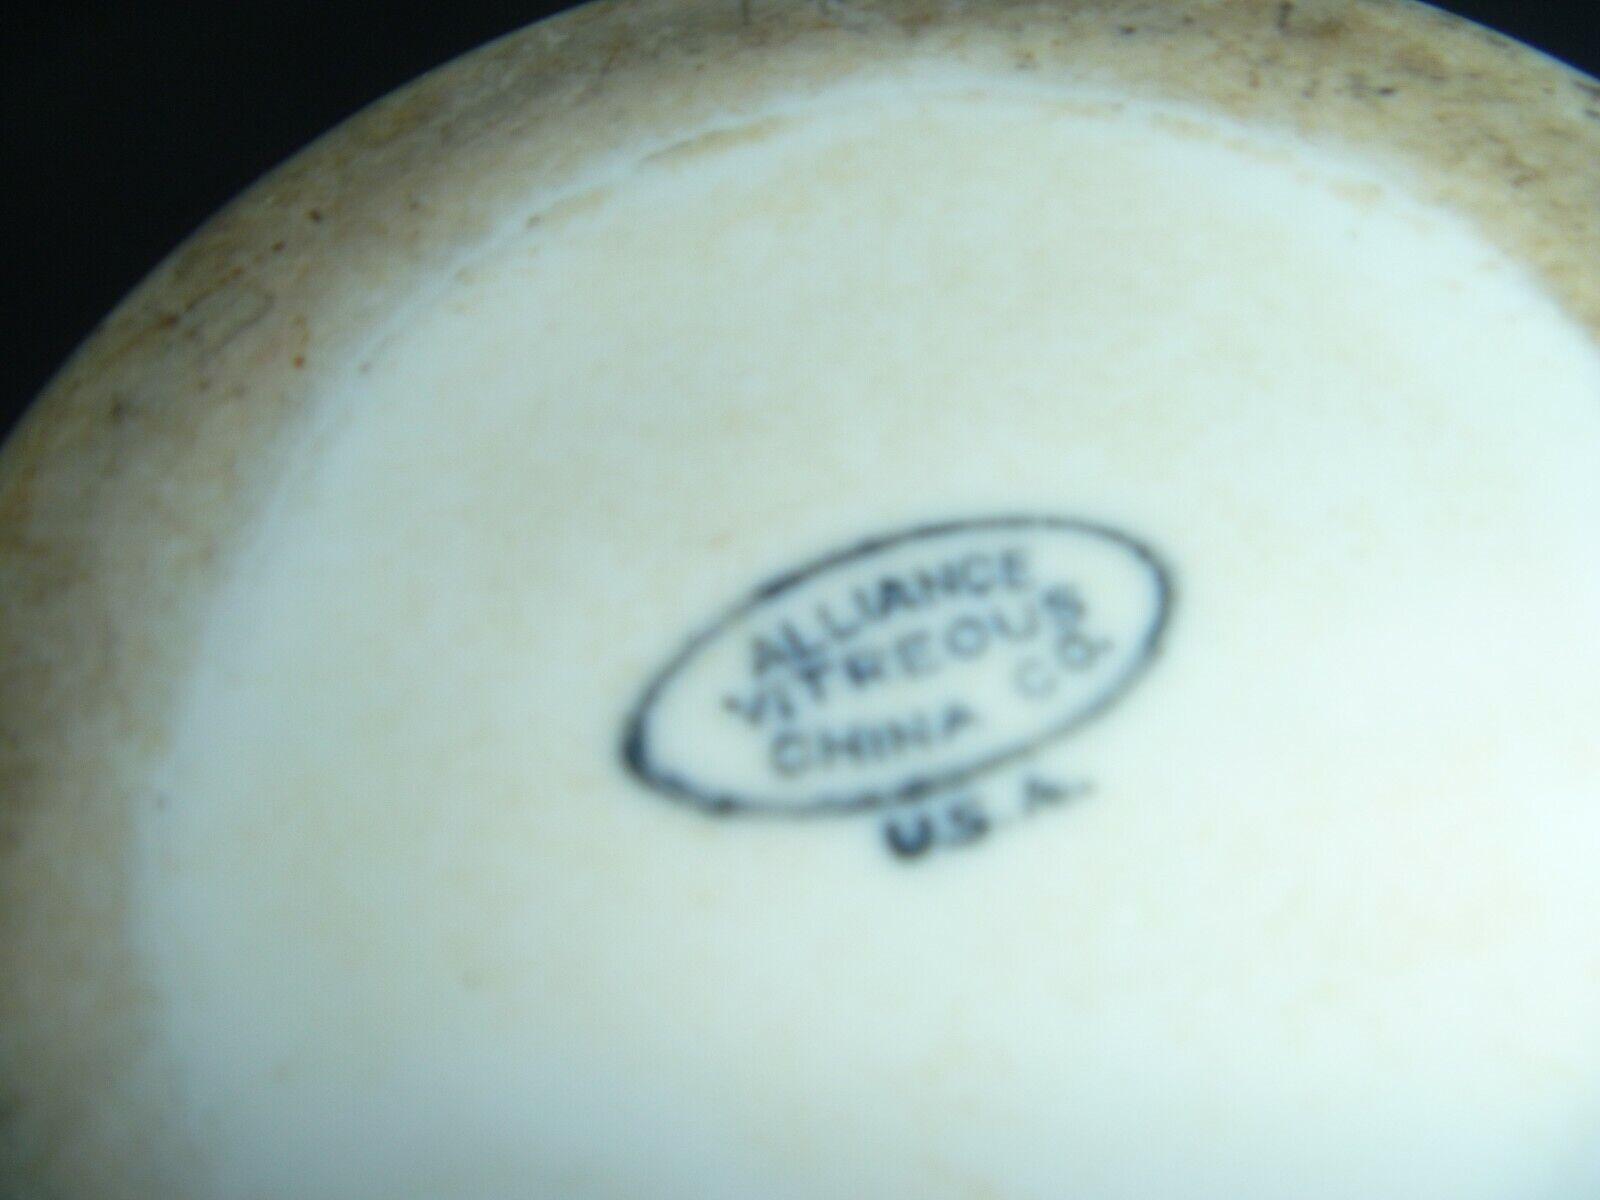 VINTAGE - ALLIANCE CHINA CO. - ALLIANCE, OH - VITREOUS WHITE SHAVING MUG - RARE - $1.99